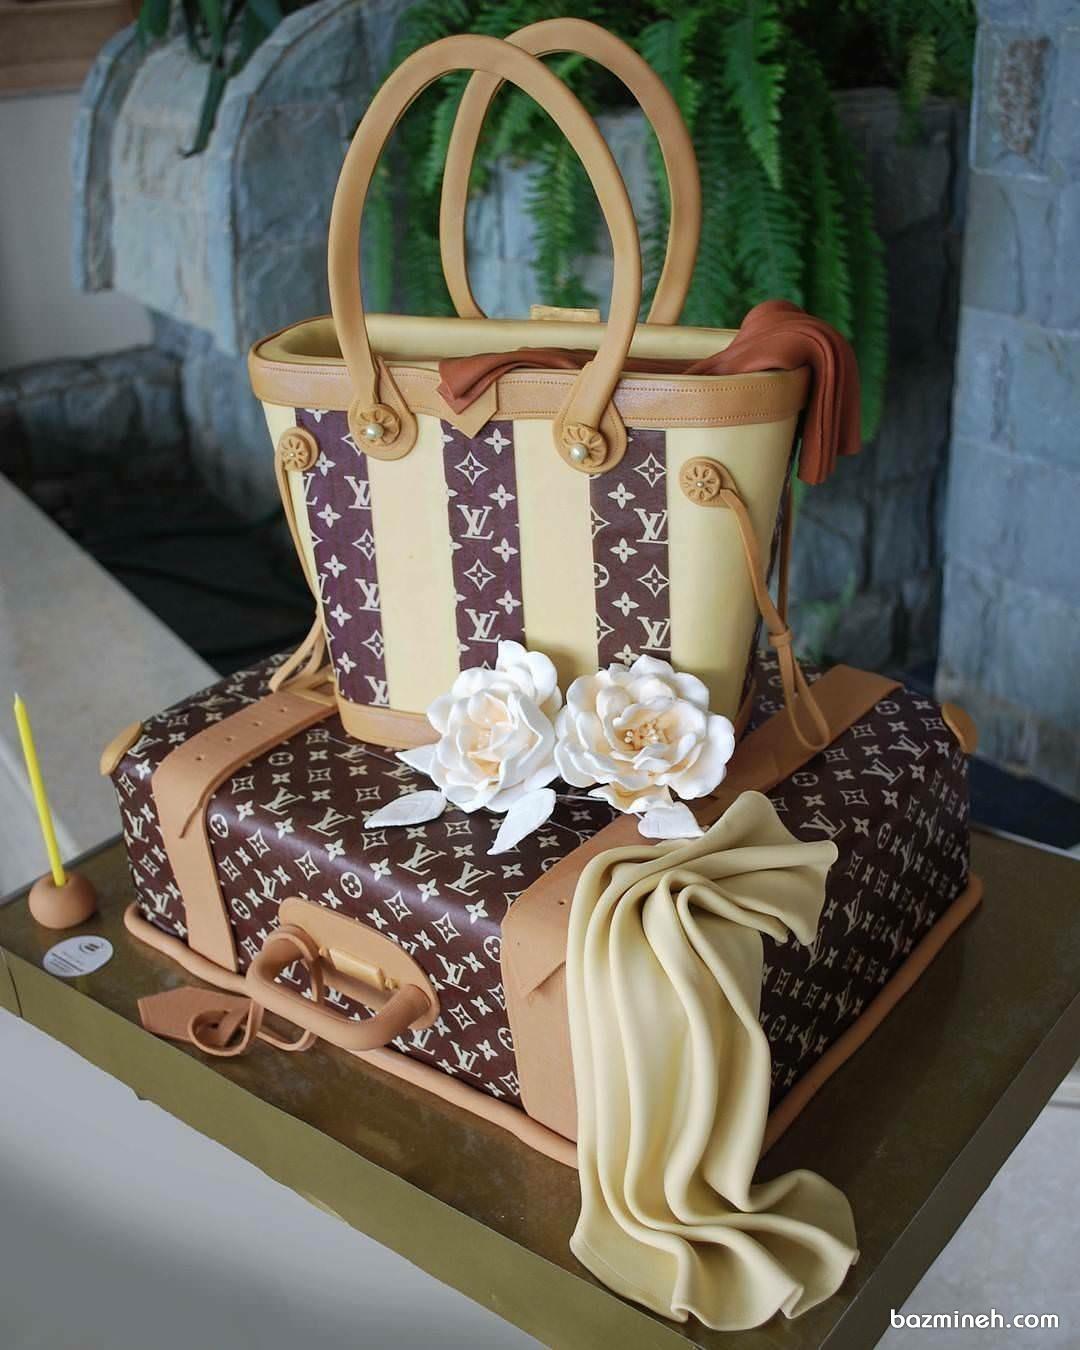 ایده جالب کیک تولد به شکل کیف و چمدان برند ال وی